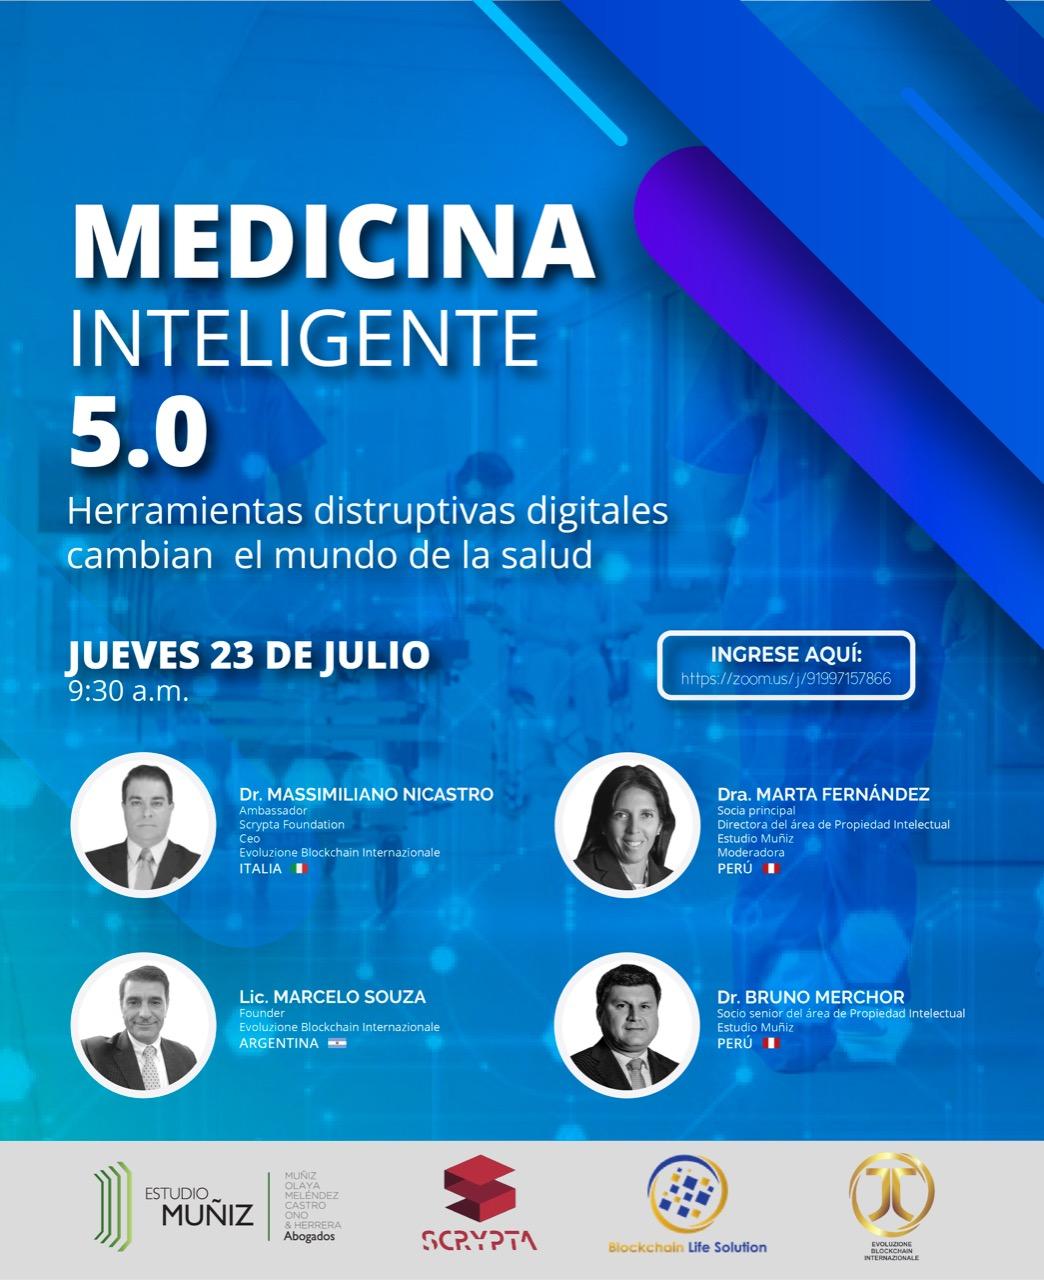 Medicina Inteligente